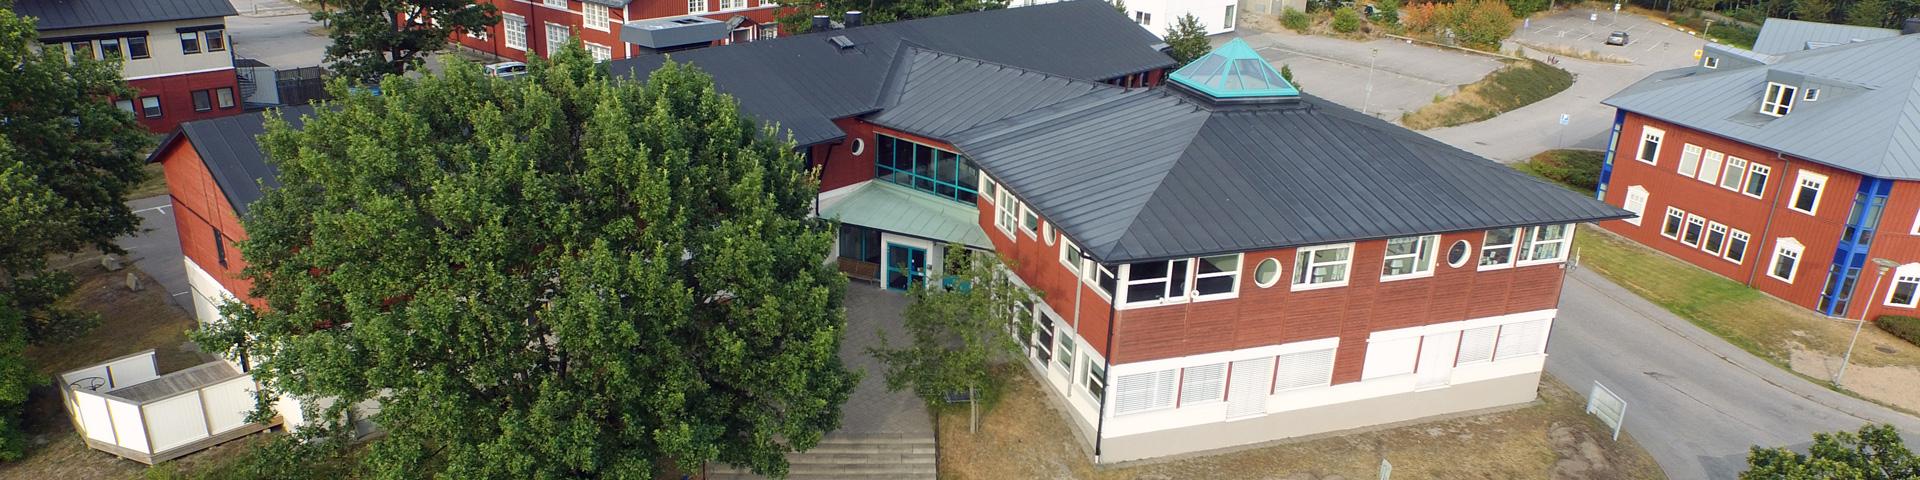 campus-grasvik-1